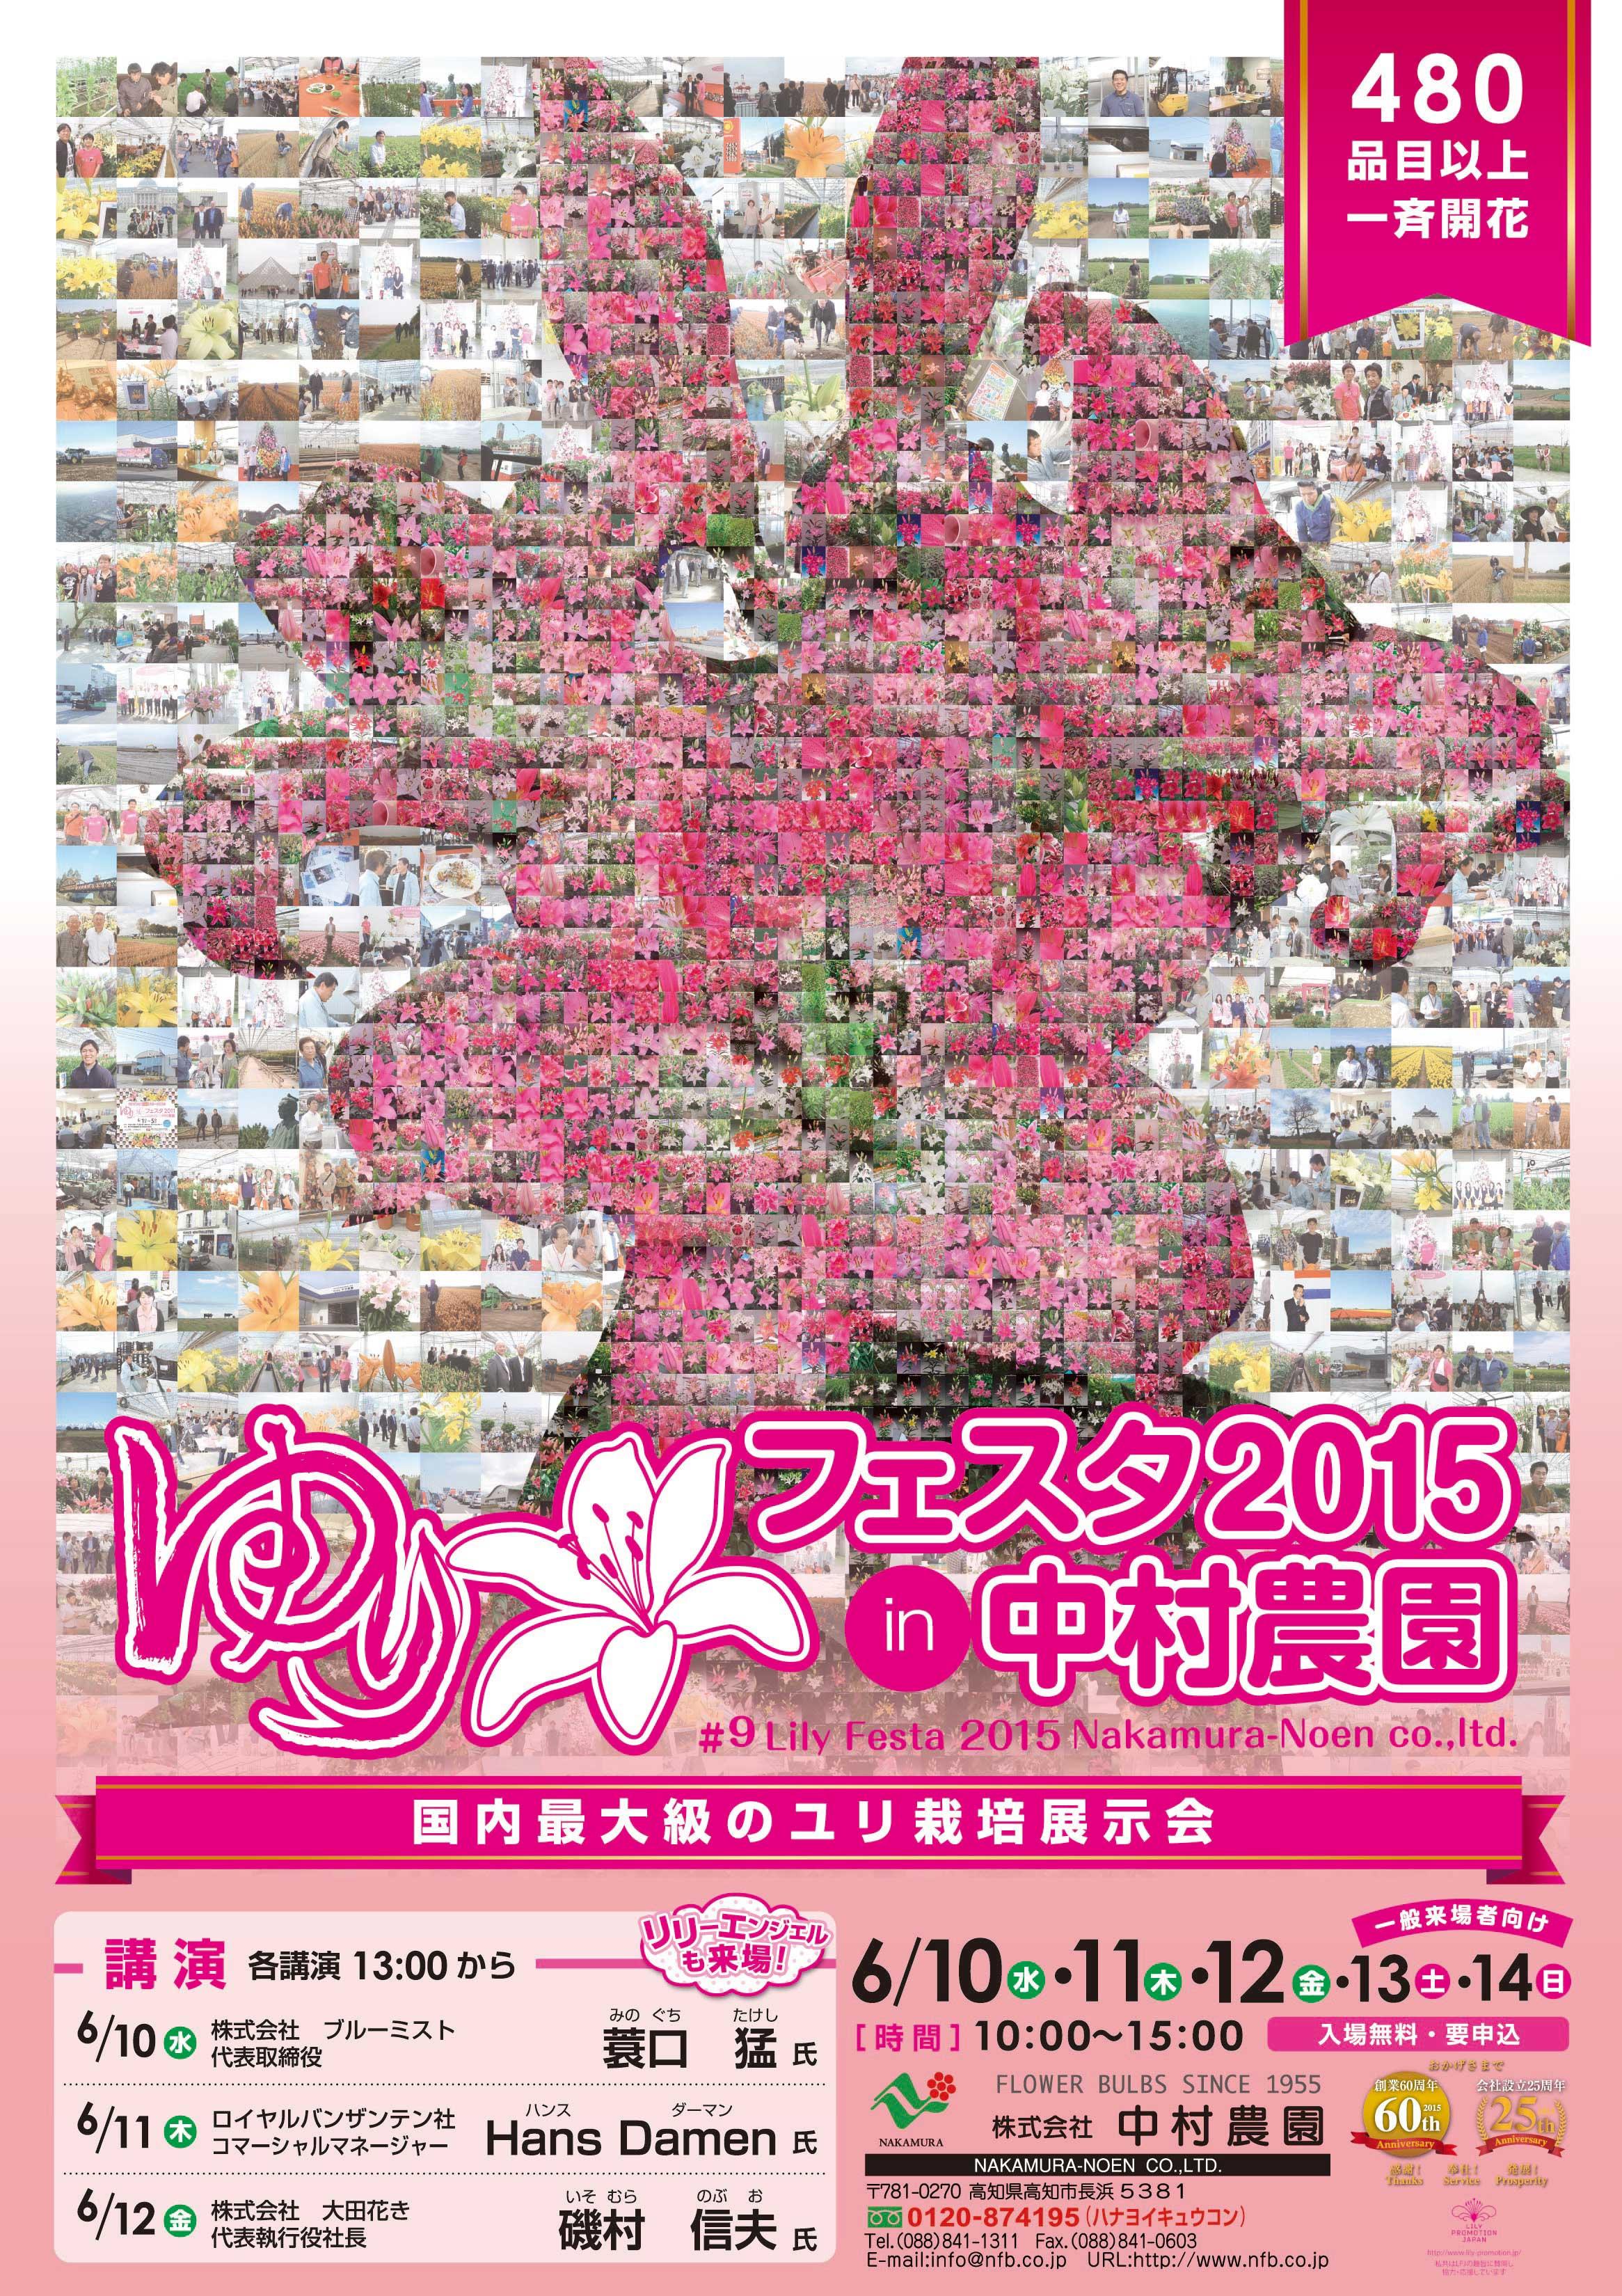 ゆりフェスタ2015ポスターを発送いたしました(2015/2/9)